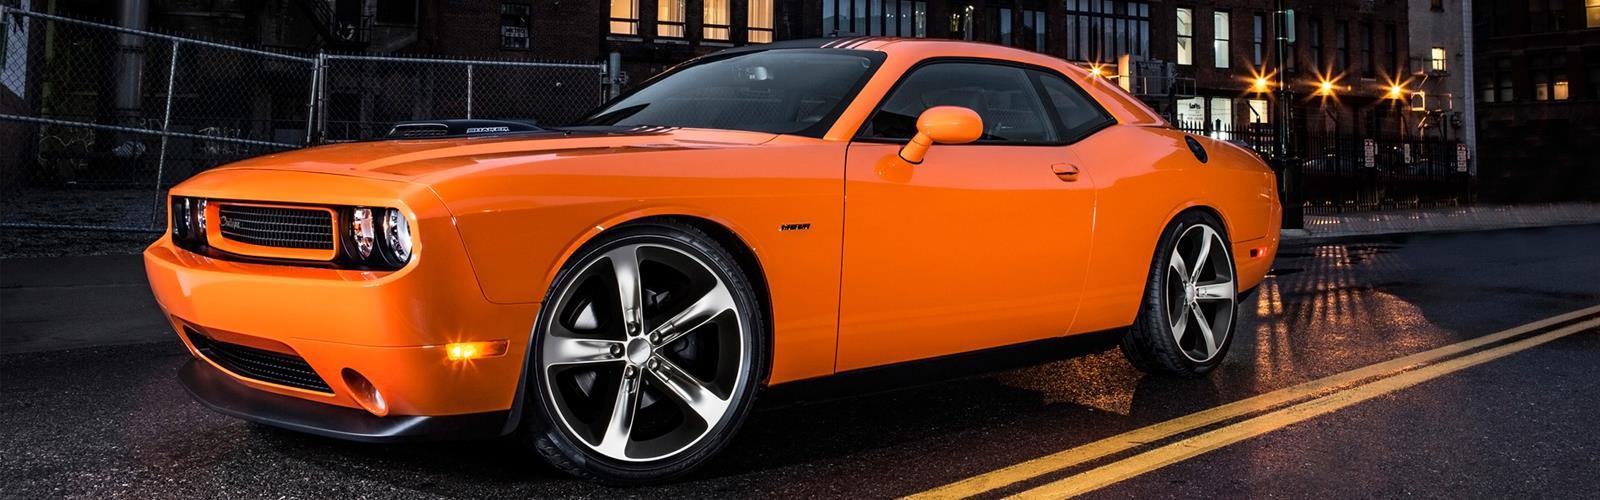 Buy Used Car In Fresno Ca